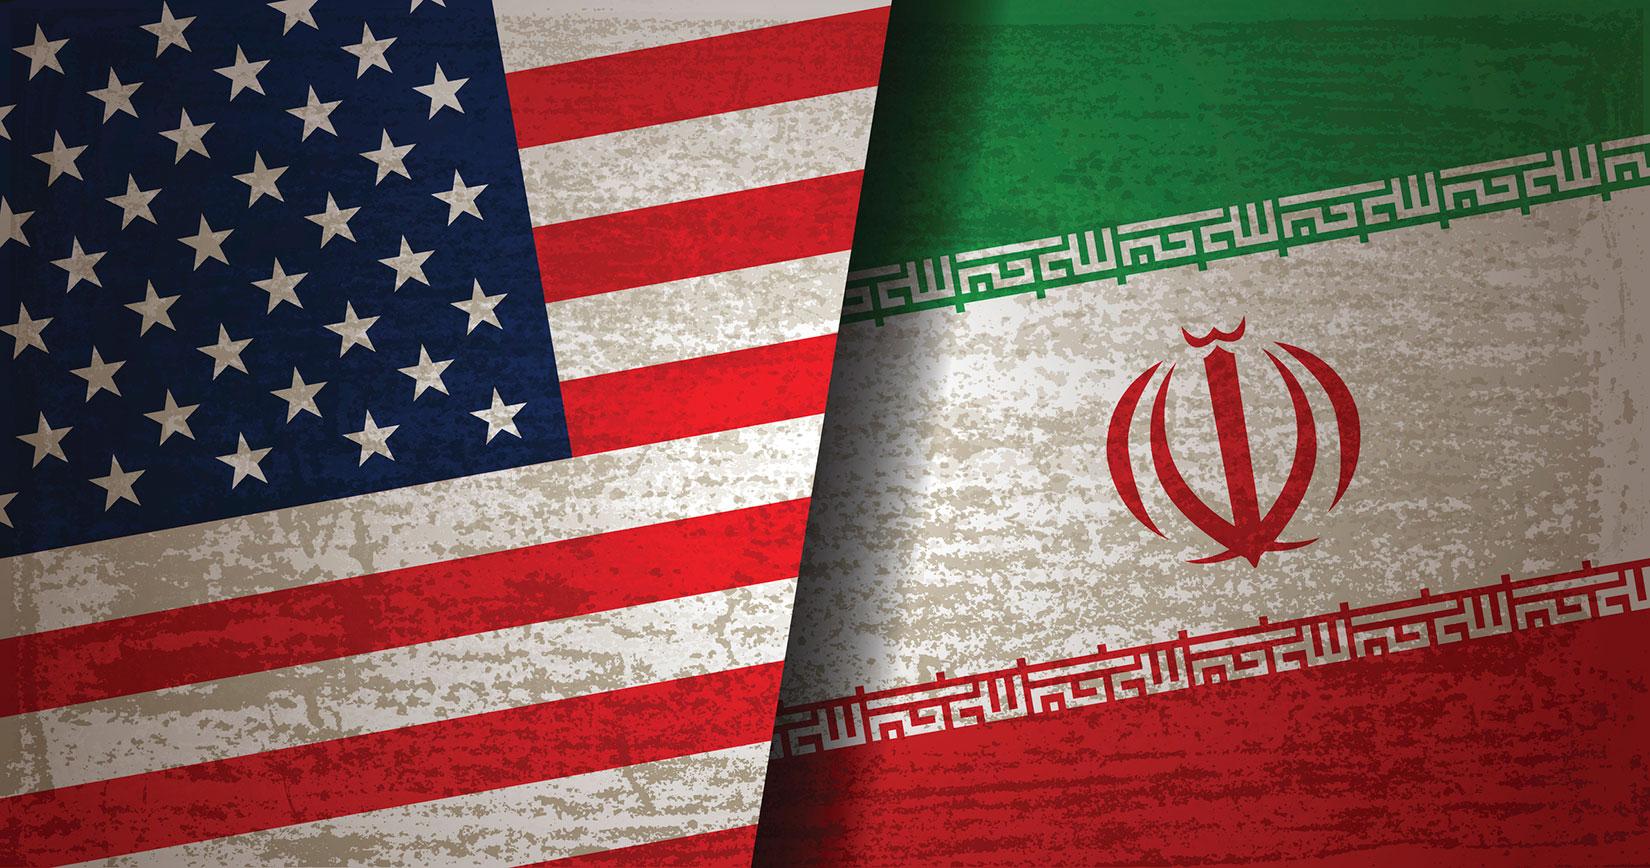 イメージ写真:アメリカとイランの応酬